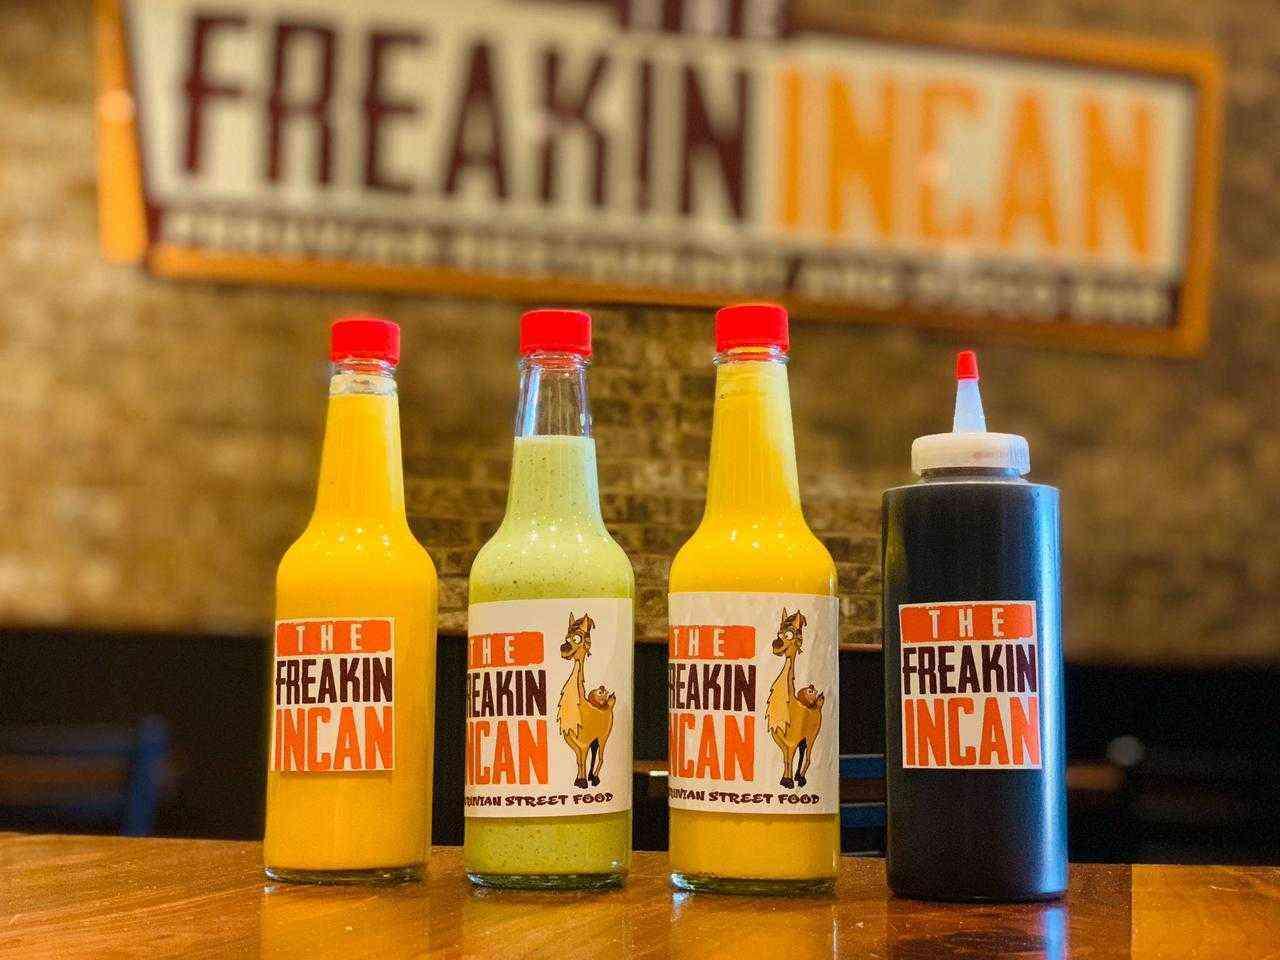 Freakin Incan Sauces